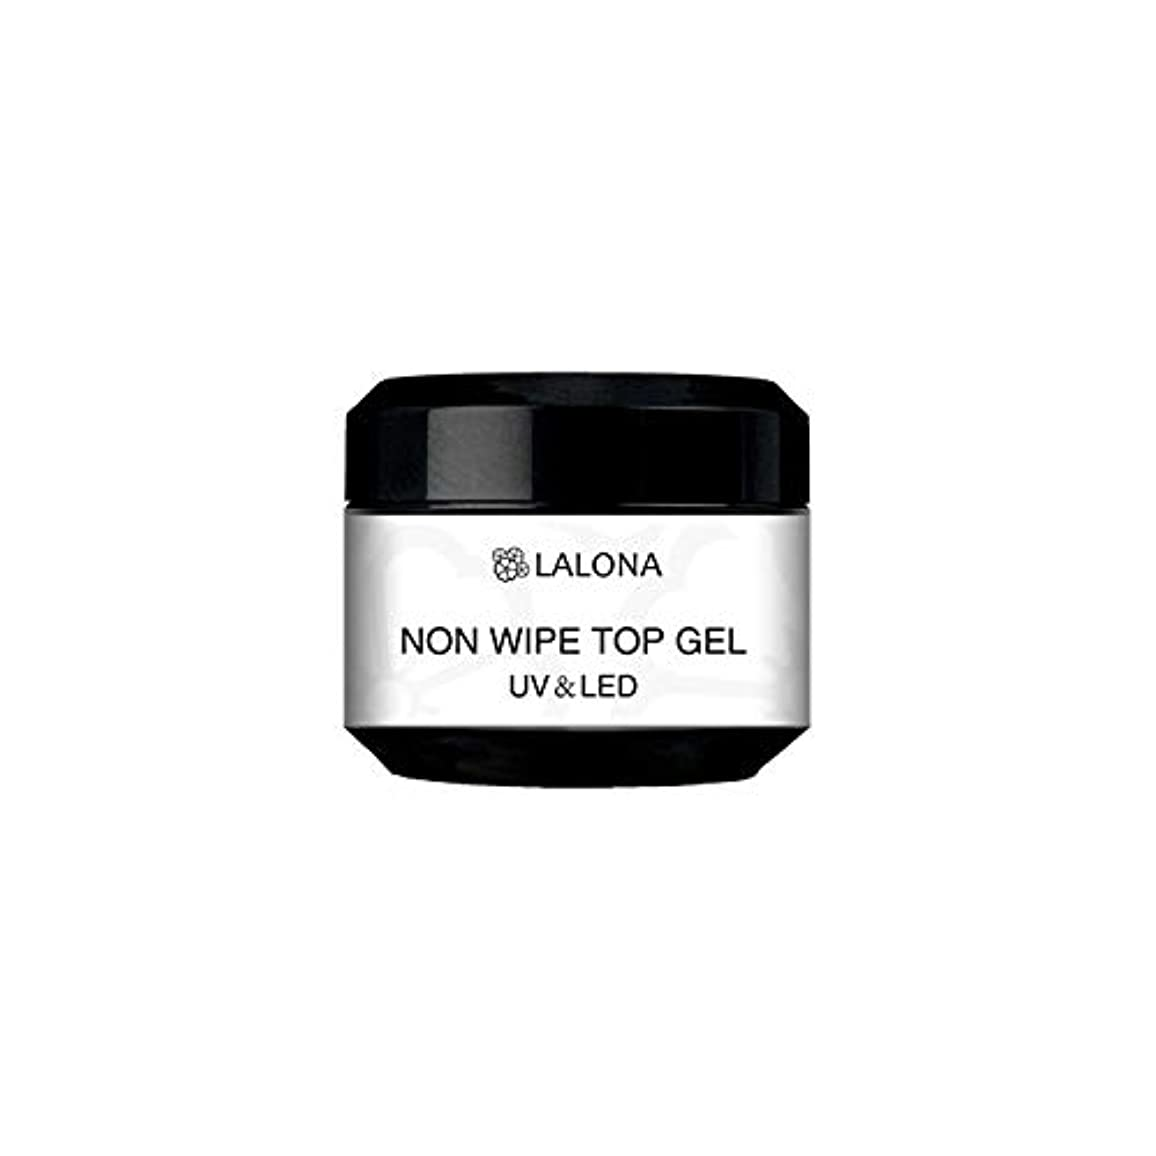 討論わずかに北LALONA [ ラローナ ] ノンワイプトップジェル (30g) ジェルネイル セミハード トップコート 拭き取り不要 ノーワイプ ソークオフ レジン